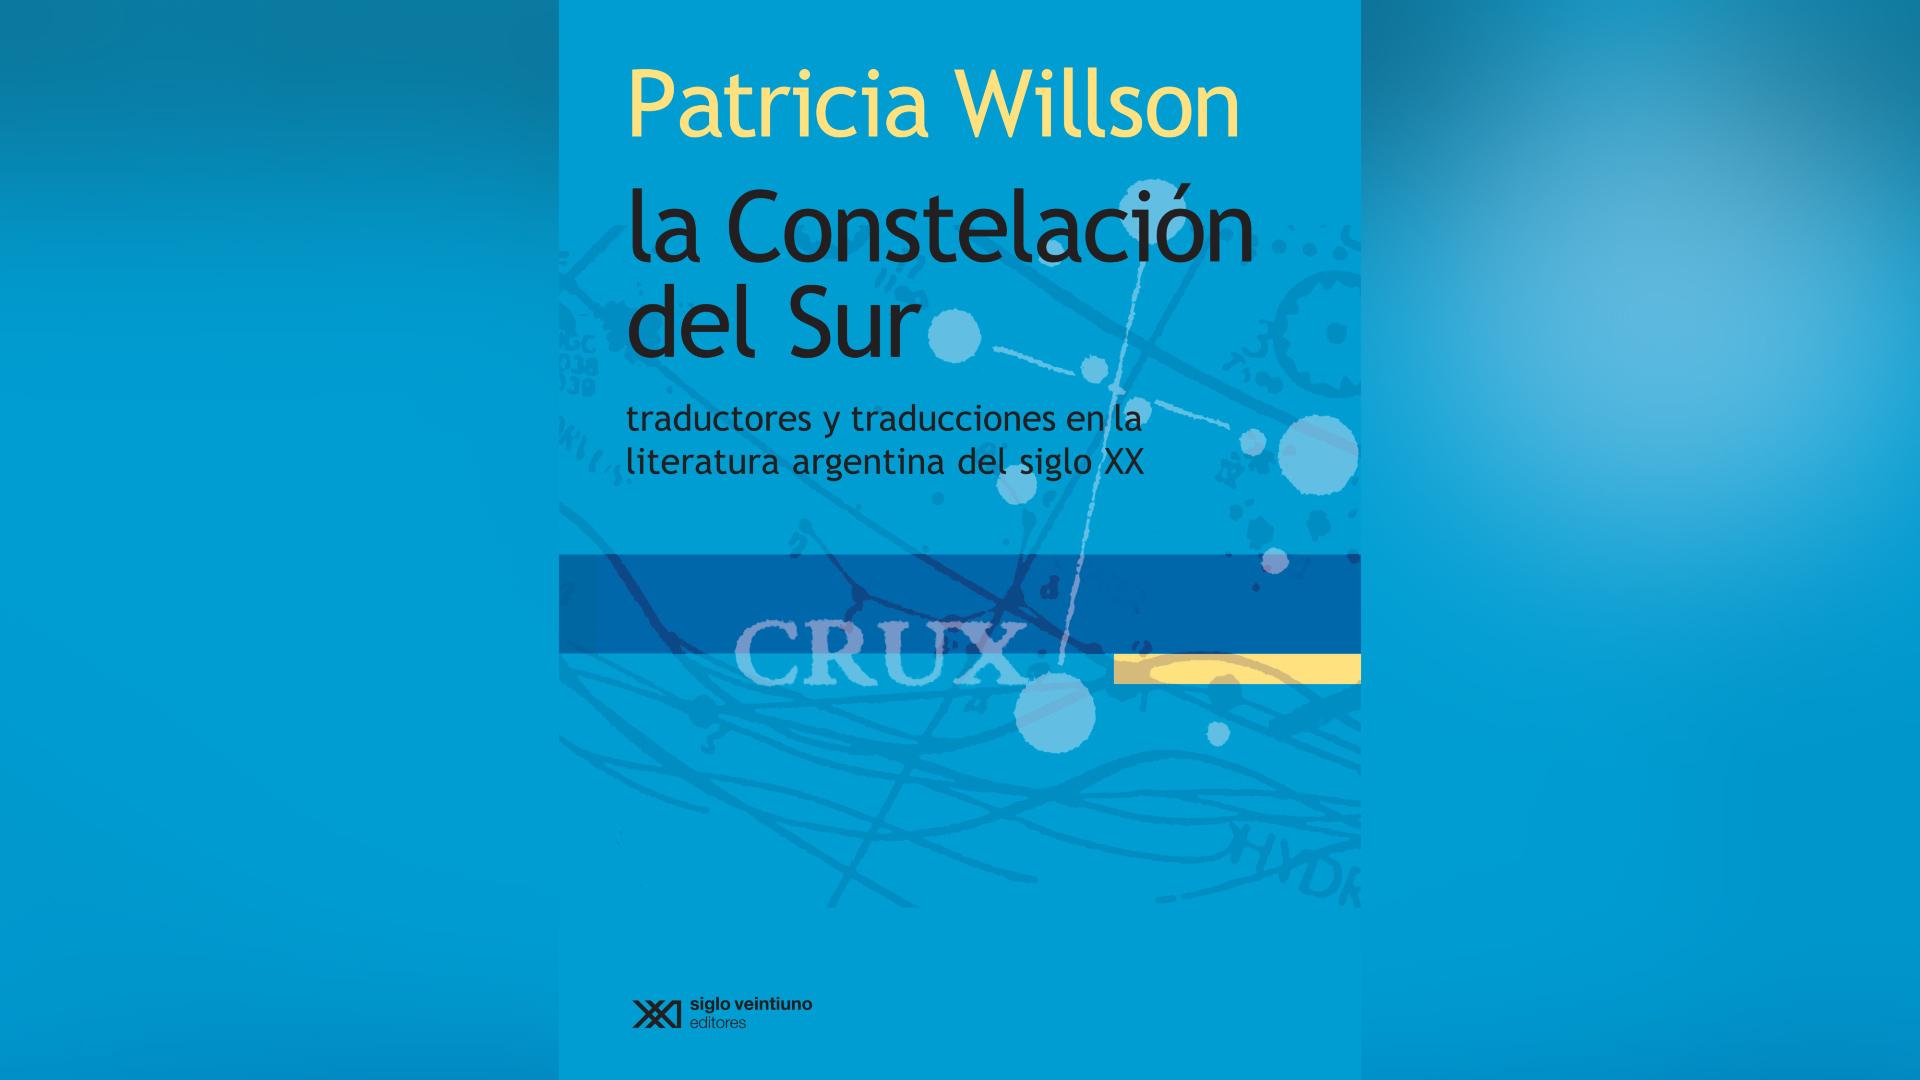 """Portada de """"La Constelación del Sur: traductores y traducciones en la literatura argentina del siglo XX"""", de Patricia Willson"""